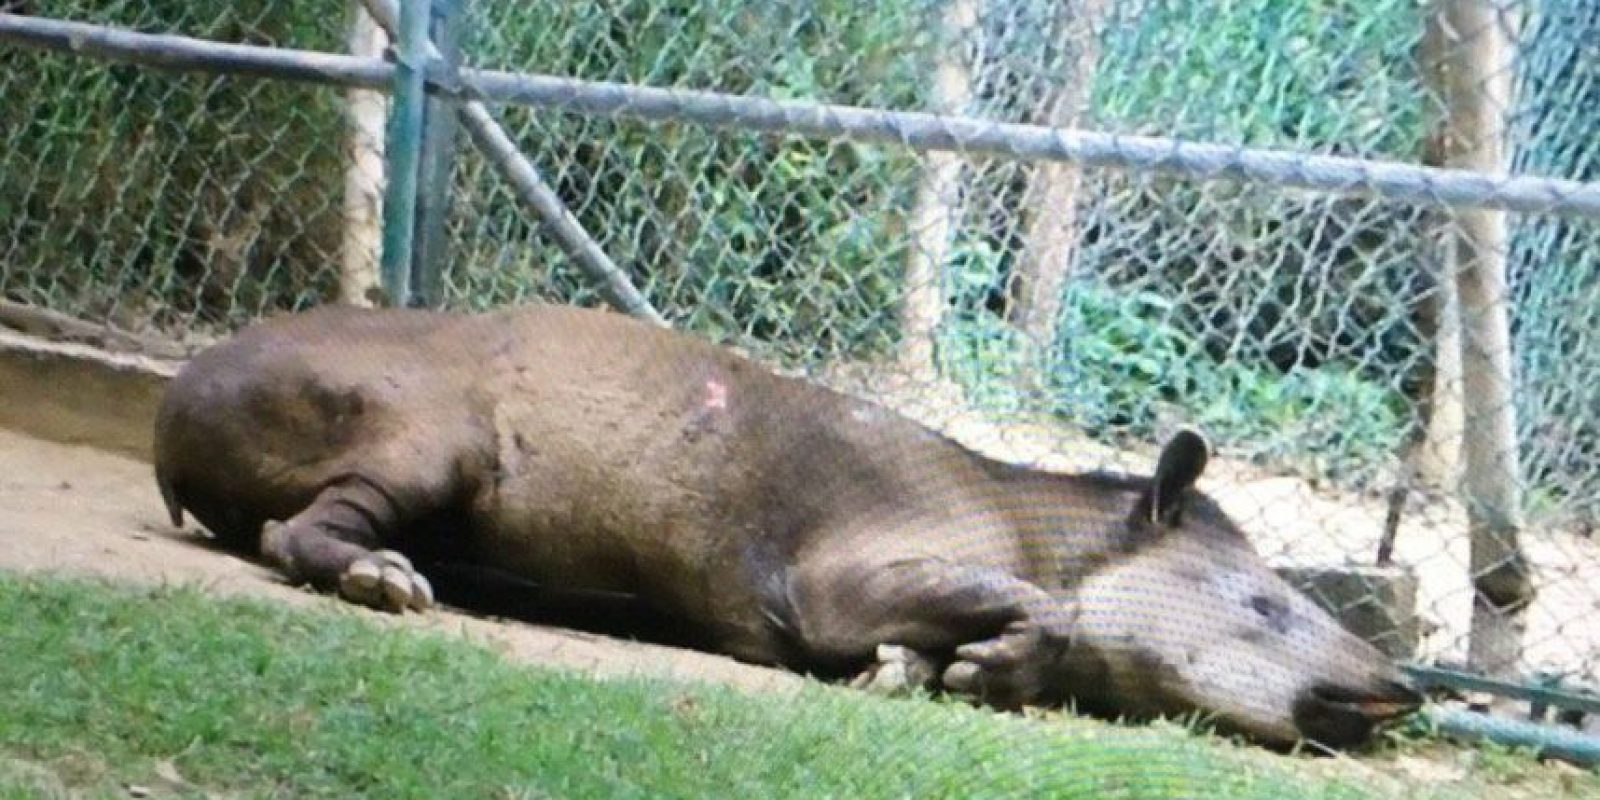 También se reporta la muerte de animales por desnutrición Foto:Facebook.com/marlene.sifontesguevara